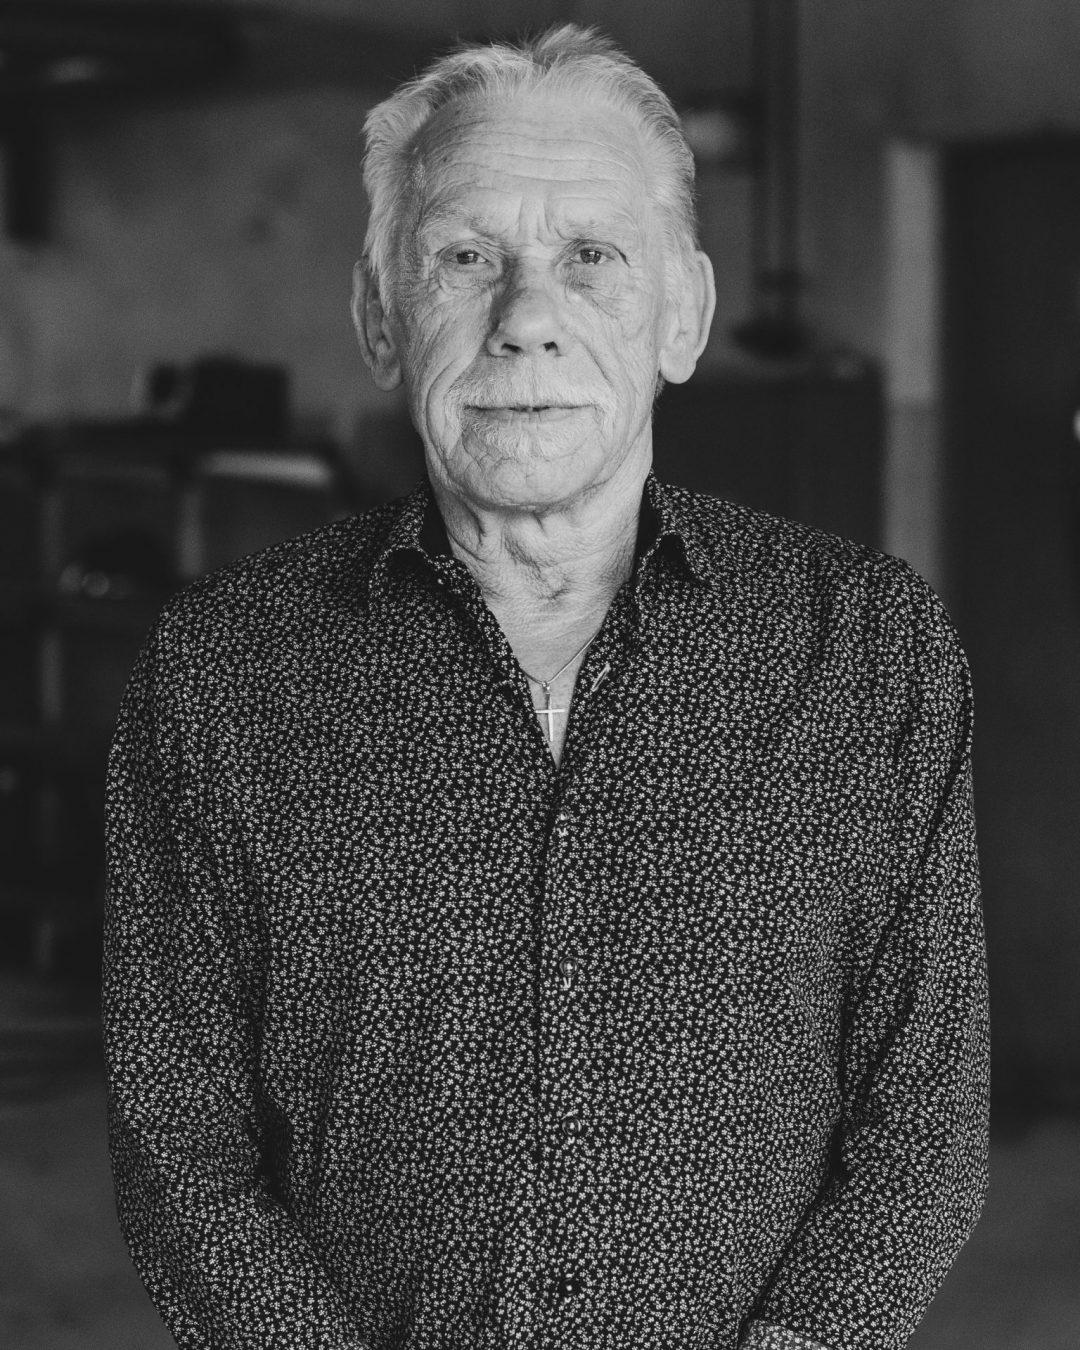 Karl-Henry Nordsvahn